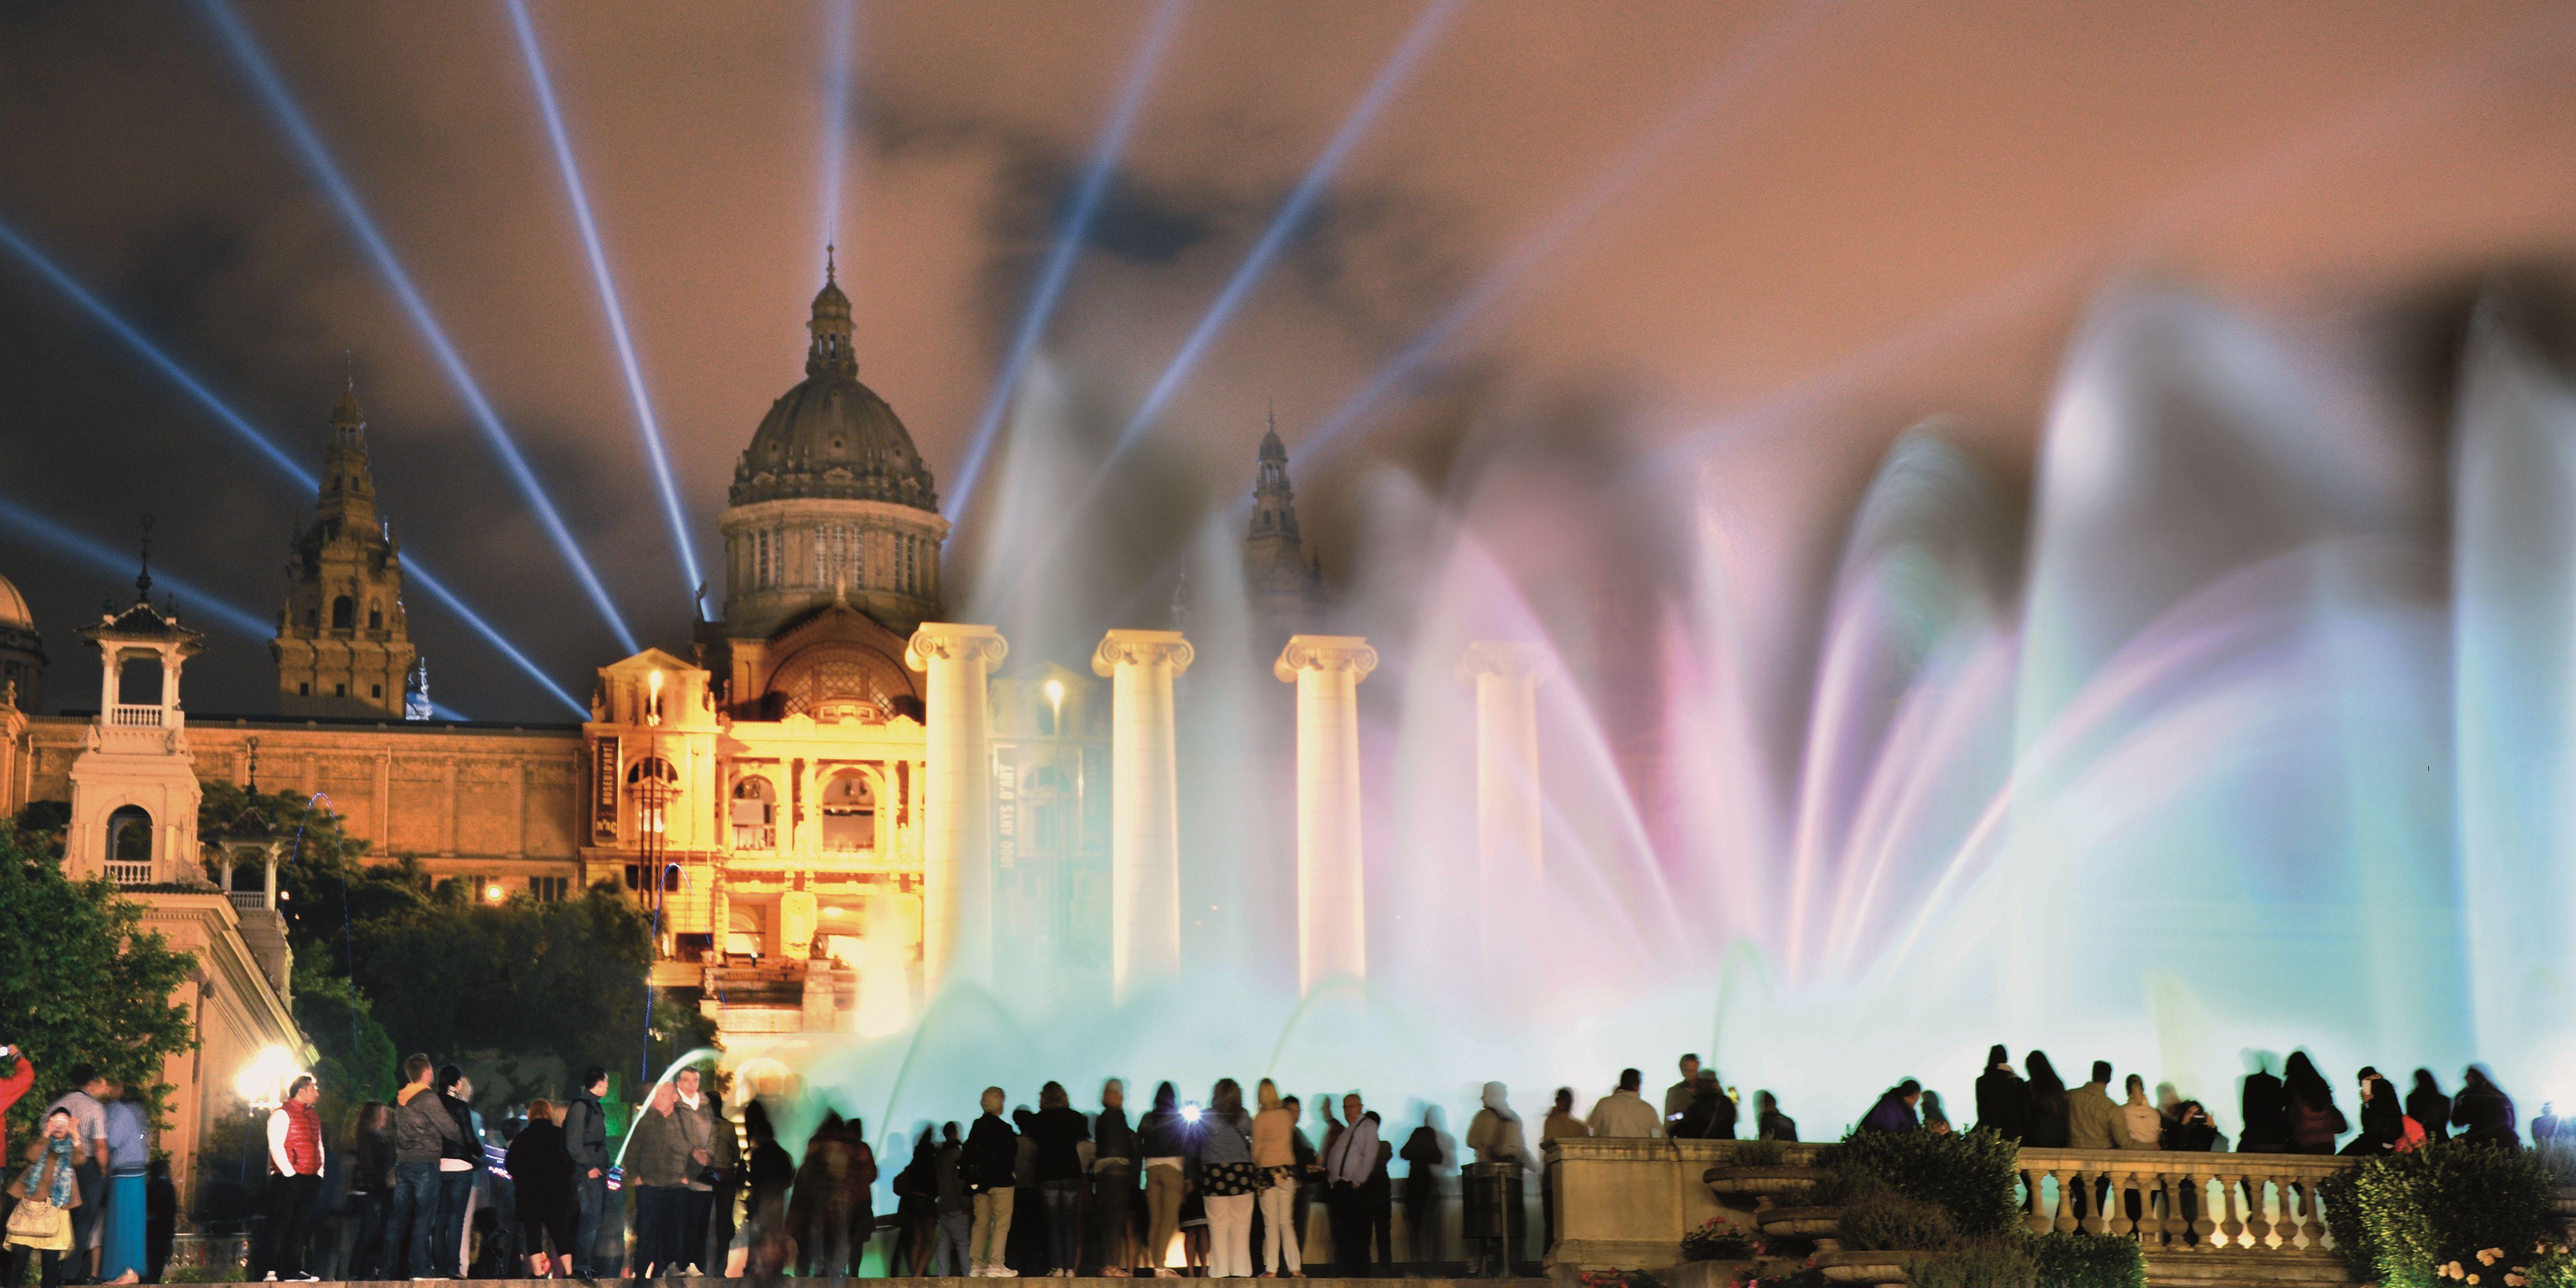 Vista nocturna del Palau Nacional